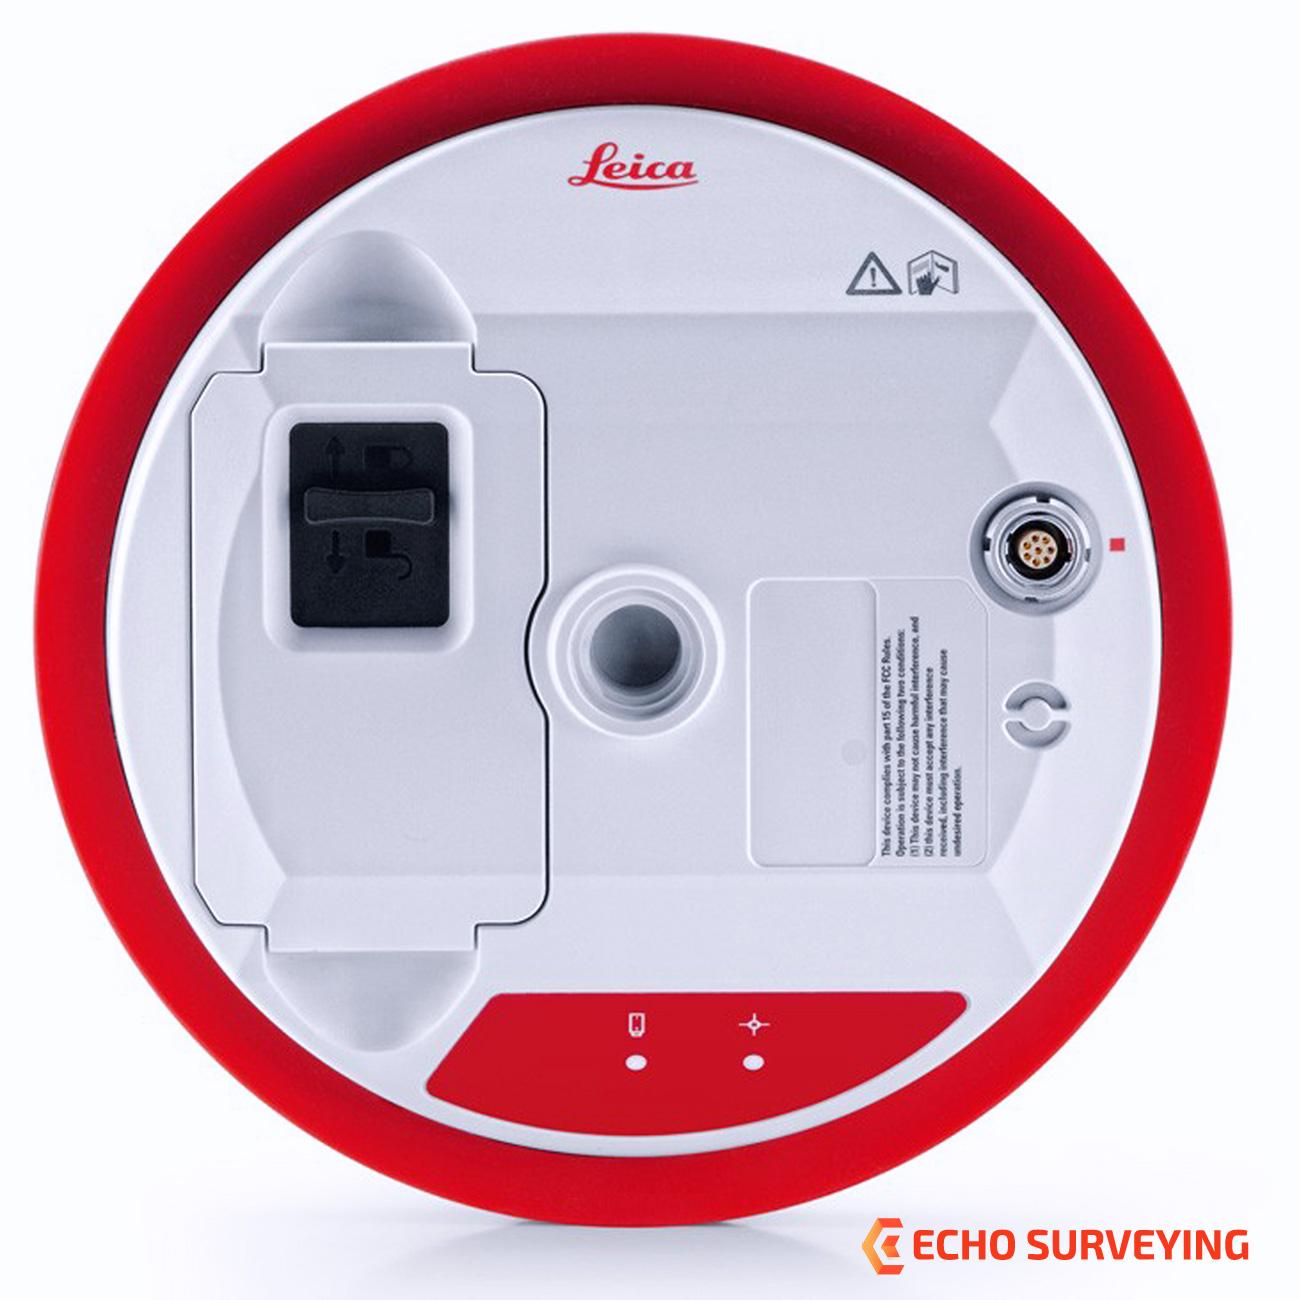 Leica-GMX910-price.jpg